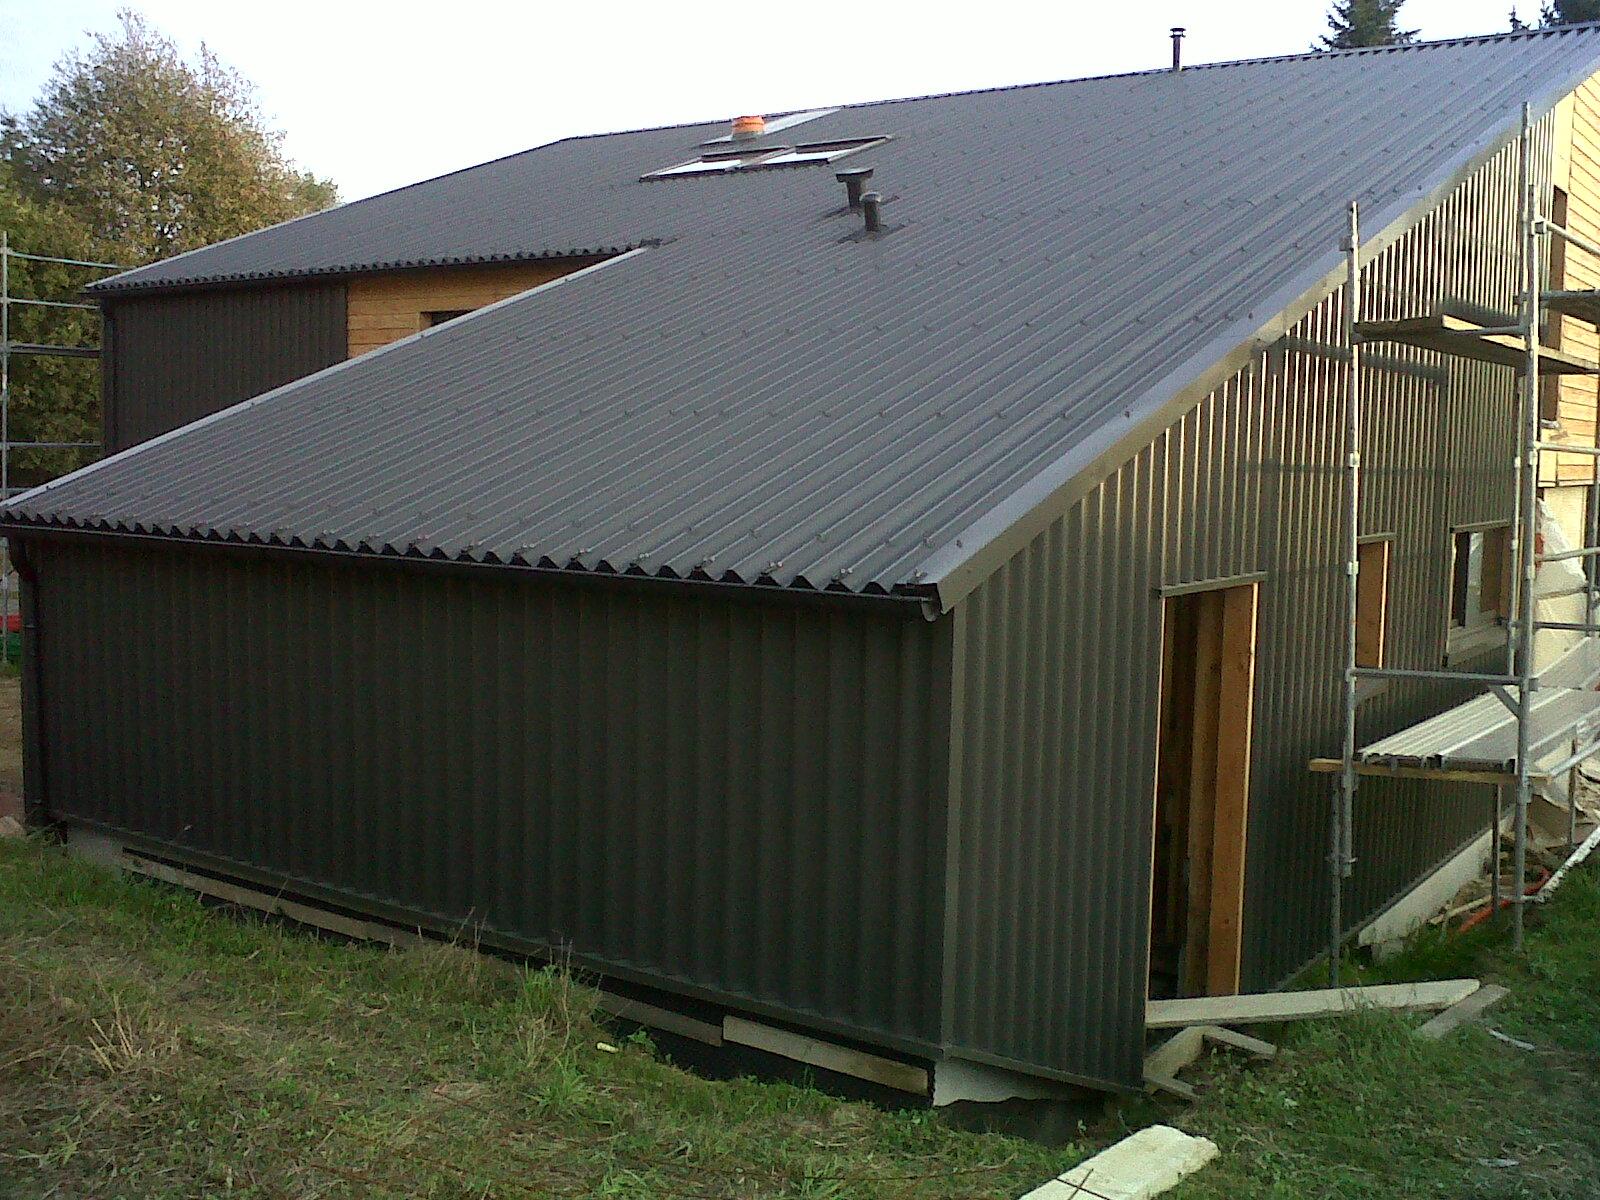 Bac acier anti goutte great tole couverture isolee nancy - Tole toiture pas cher ...